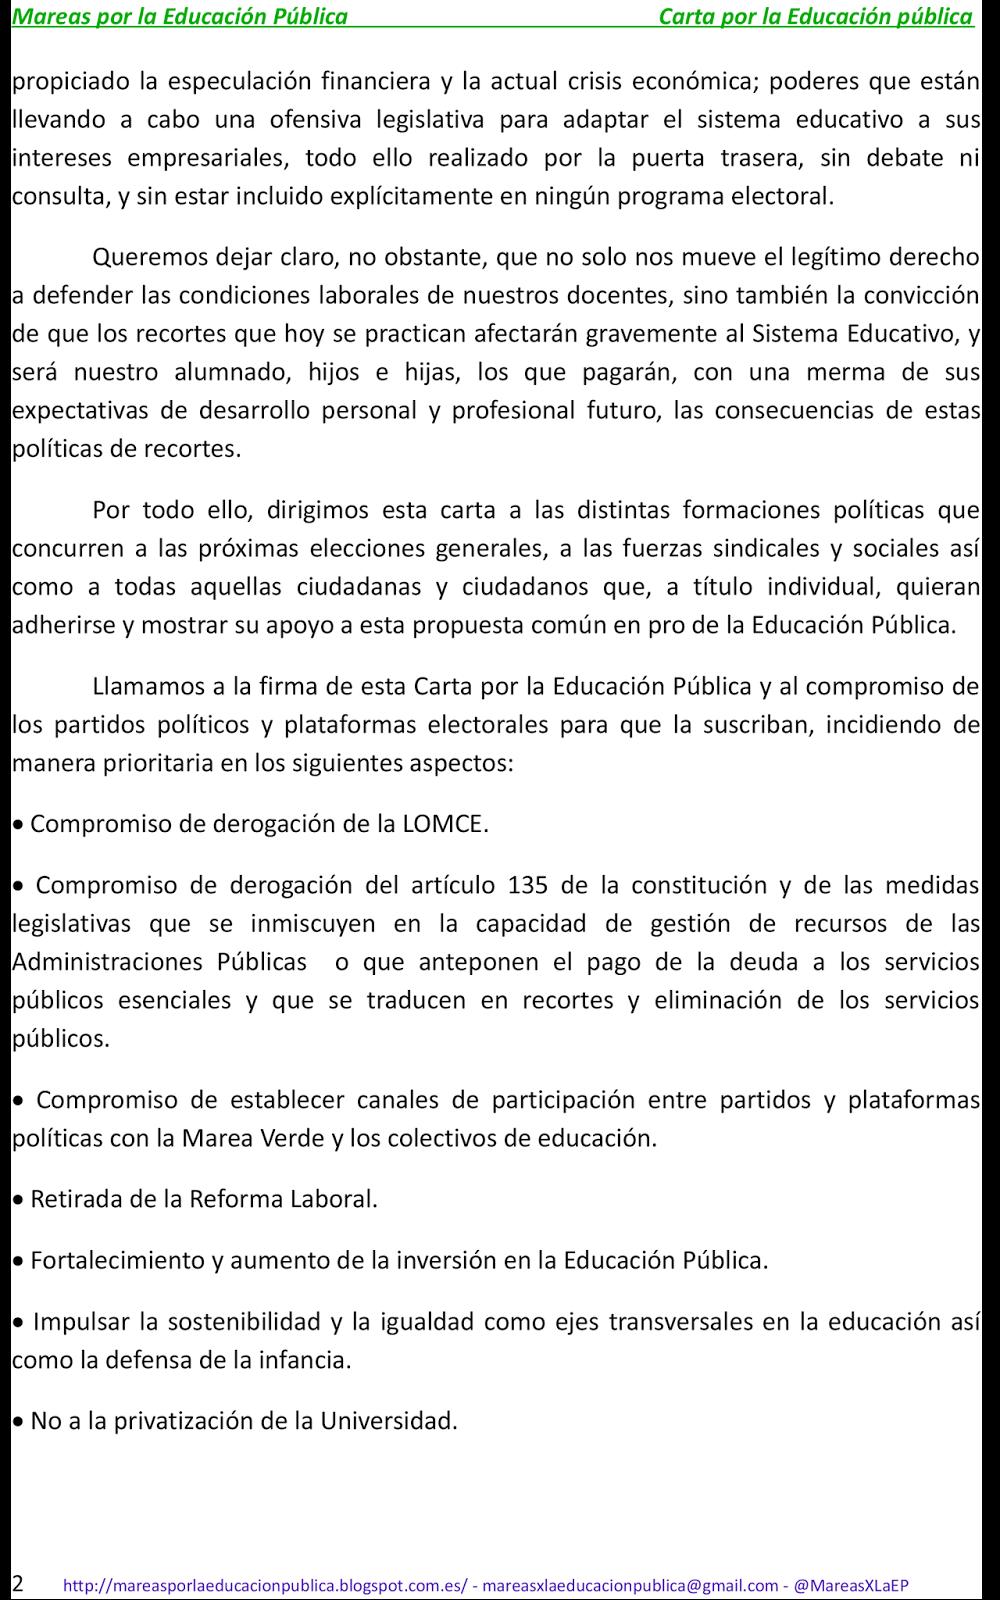 Mareas por la Educación Pública : 2015